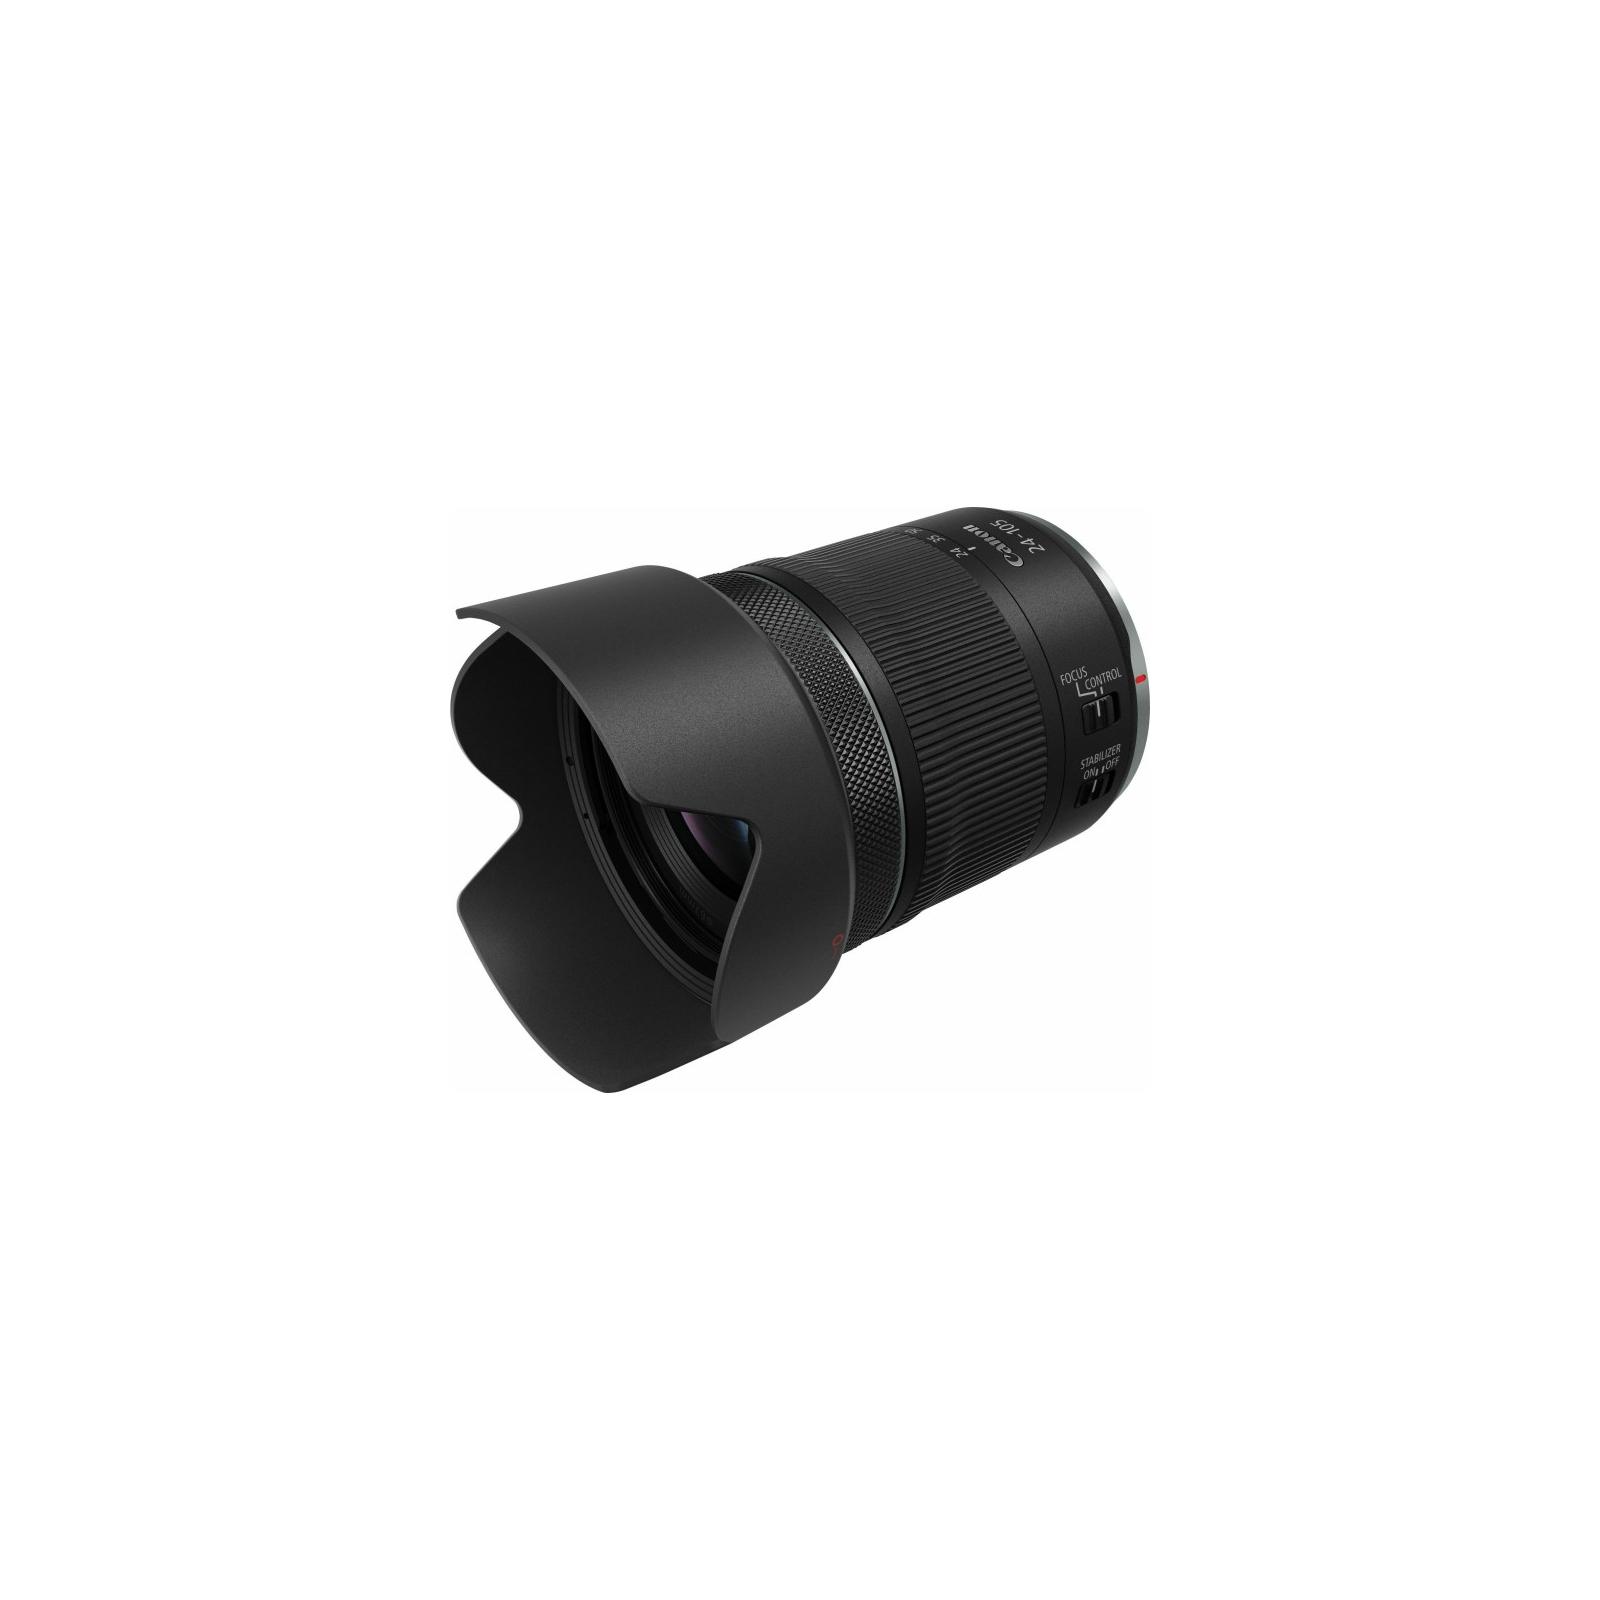 Объектив Canon RF 24-105mm f/4.0-7.1 IS STM (4111C005) изображение 5